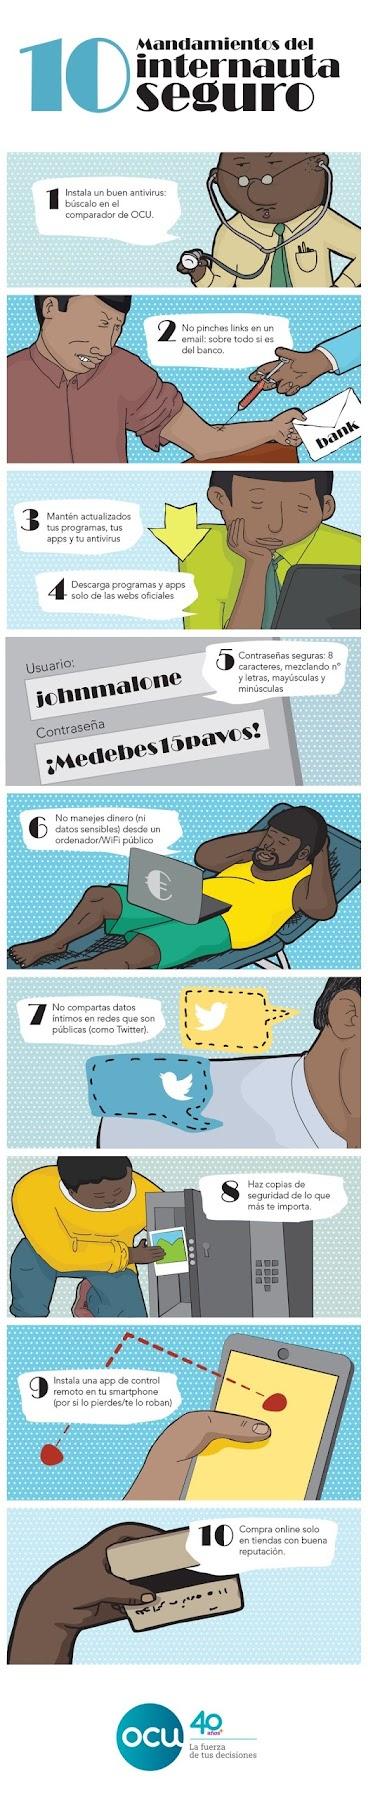 Infografías sobre seguridad en internet